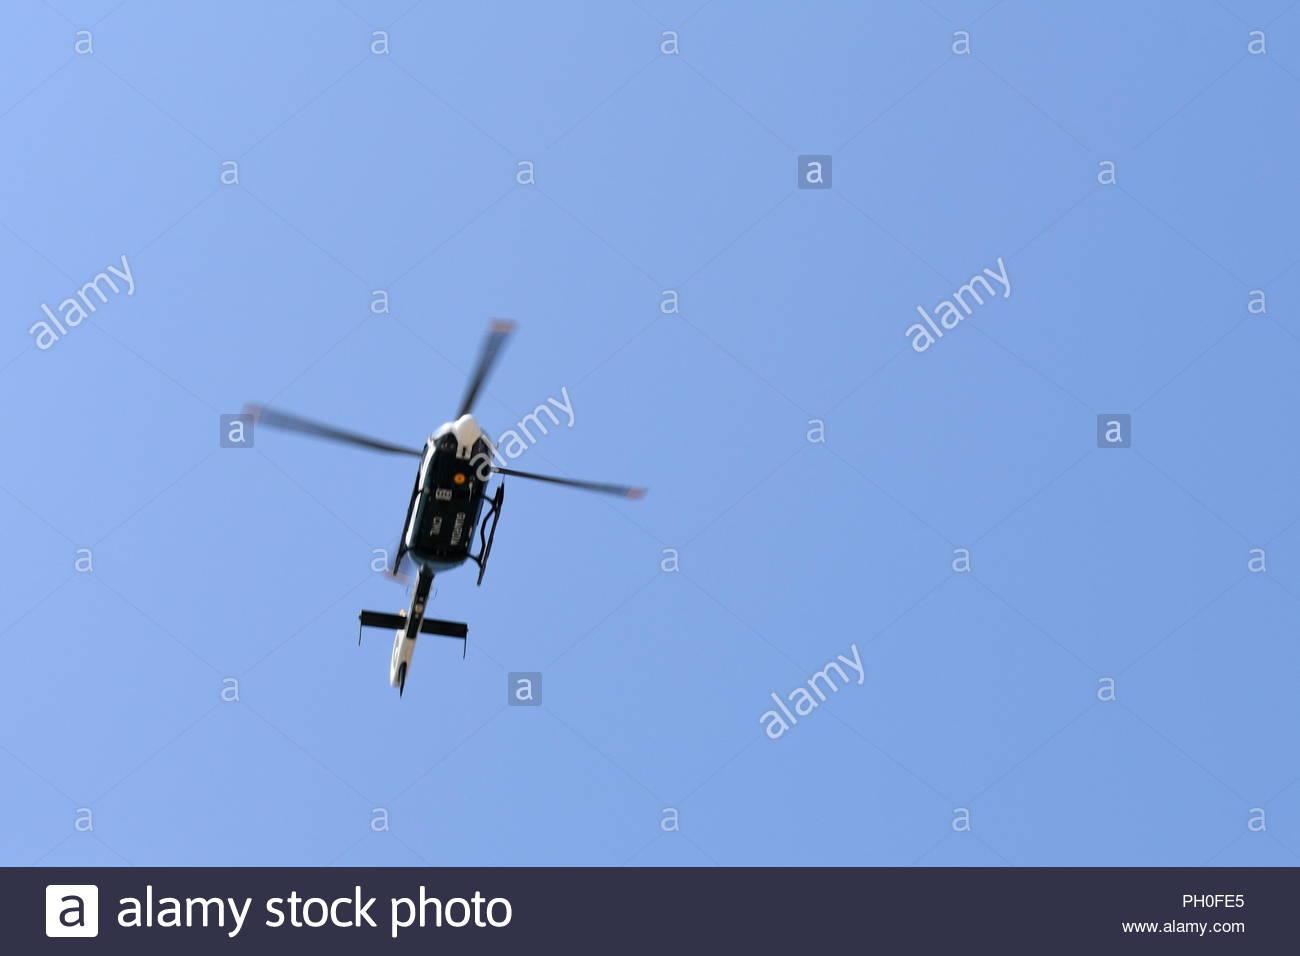 Elicottero Quarto : Il tour della spagna la gara di elicottero segue i piloti e